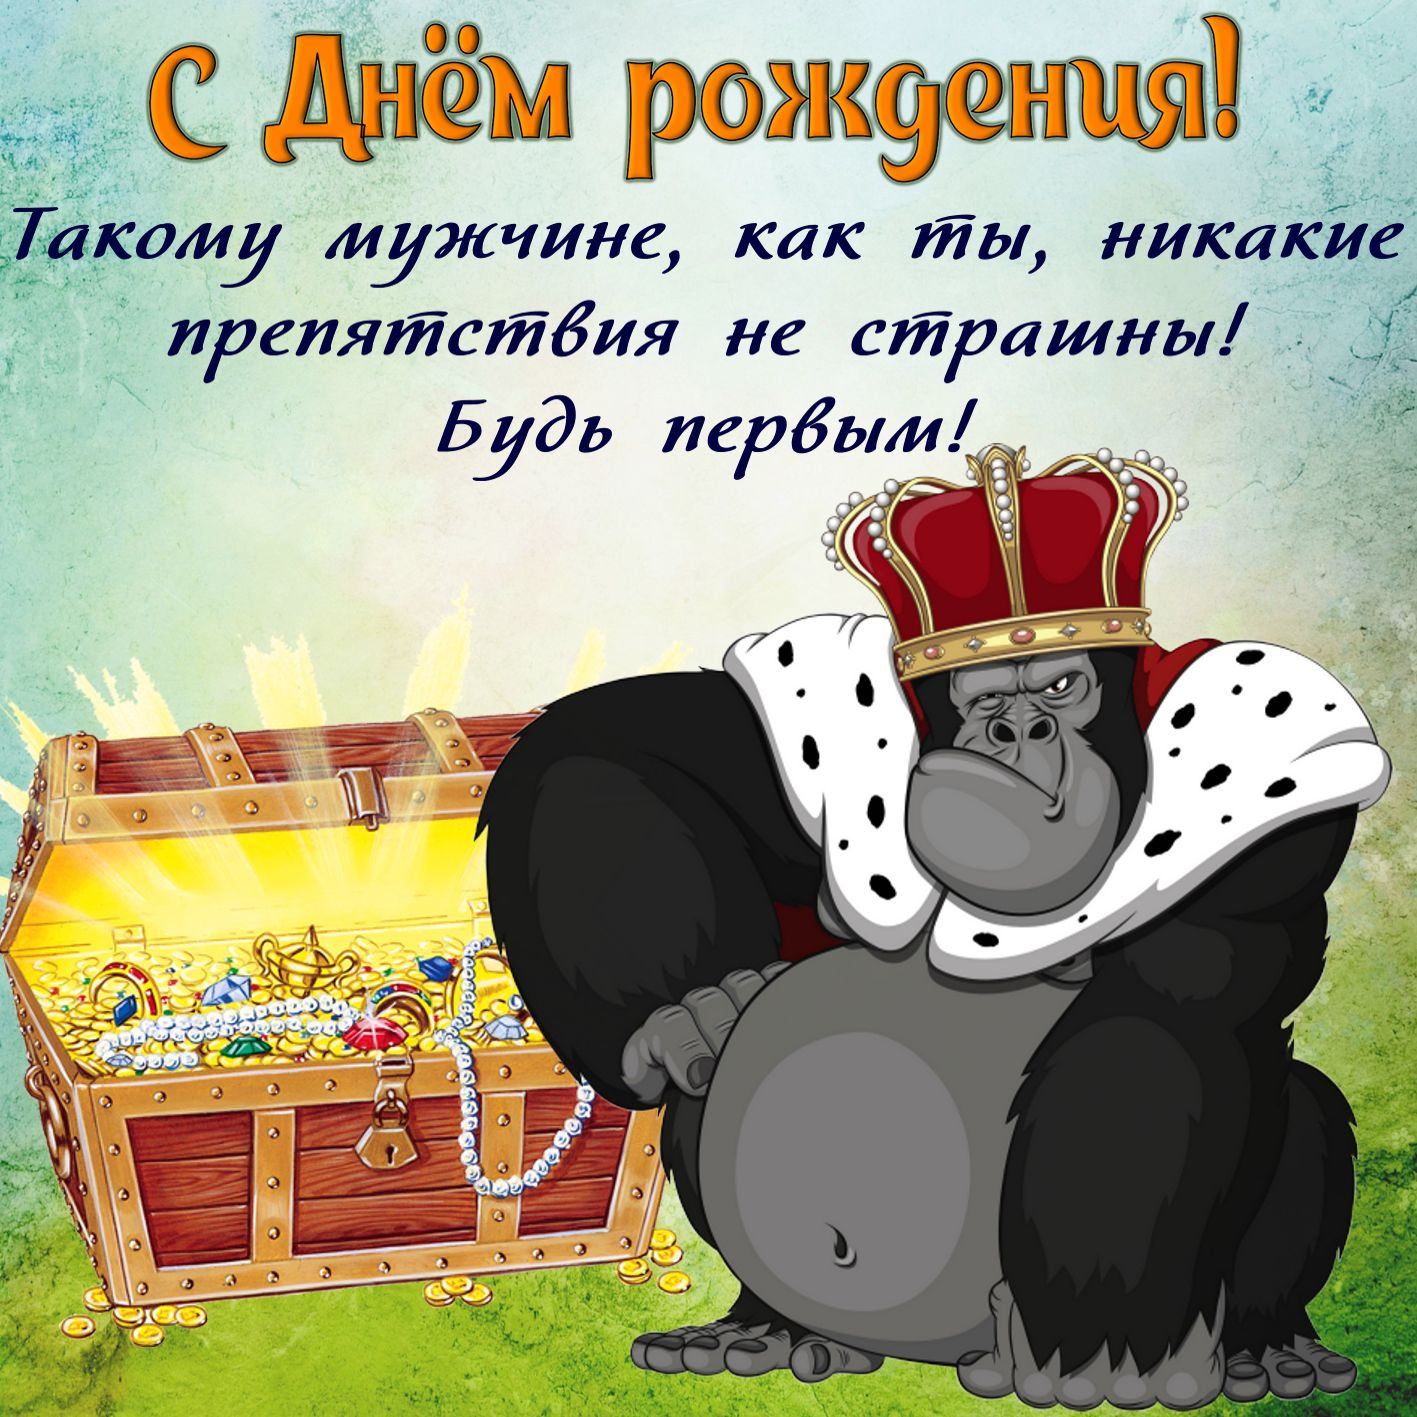 Прикольное поздравление с днем рождения пацану другу